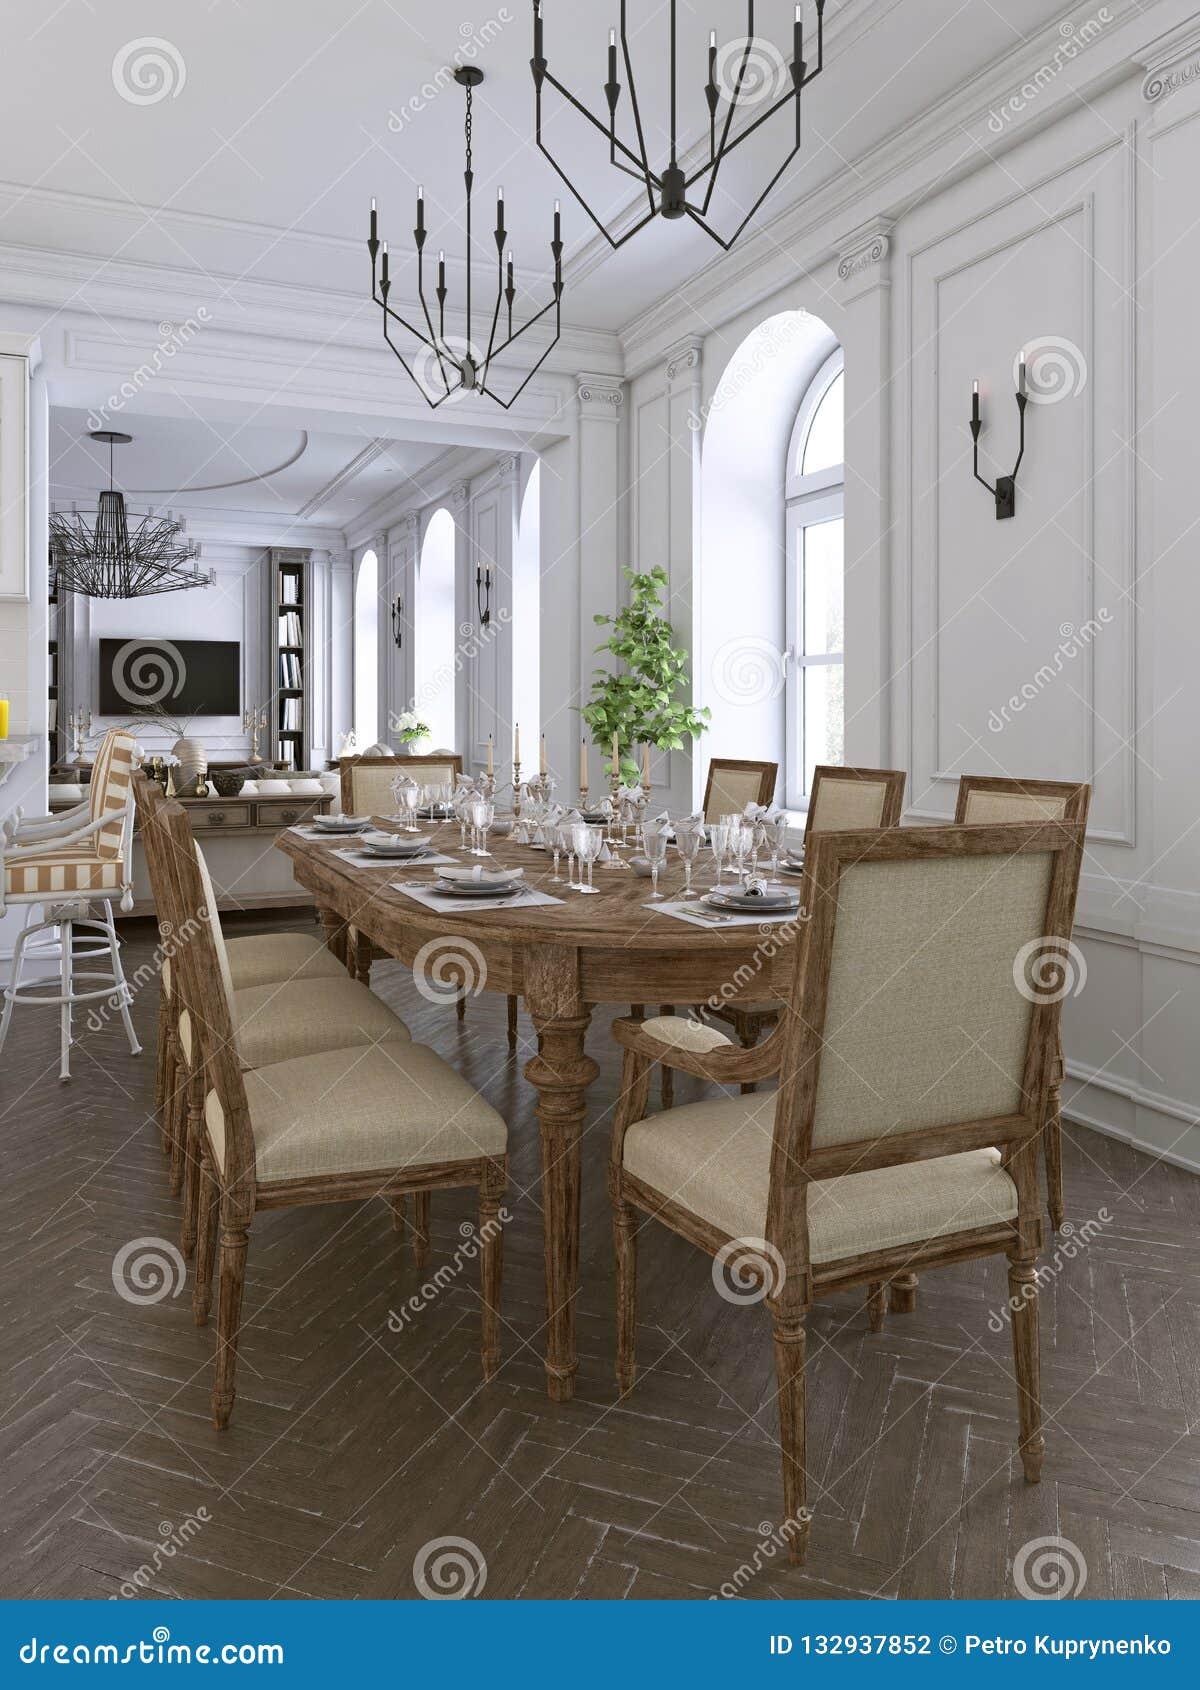 Decoración Y Muebles Del Comedor Moderno Stock de ...